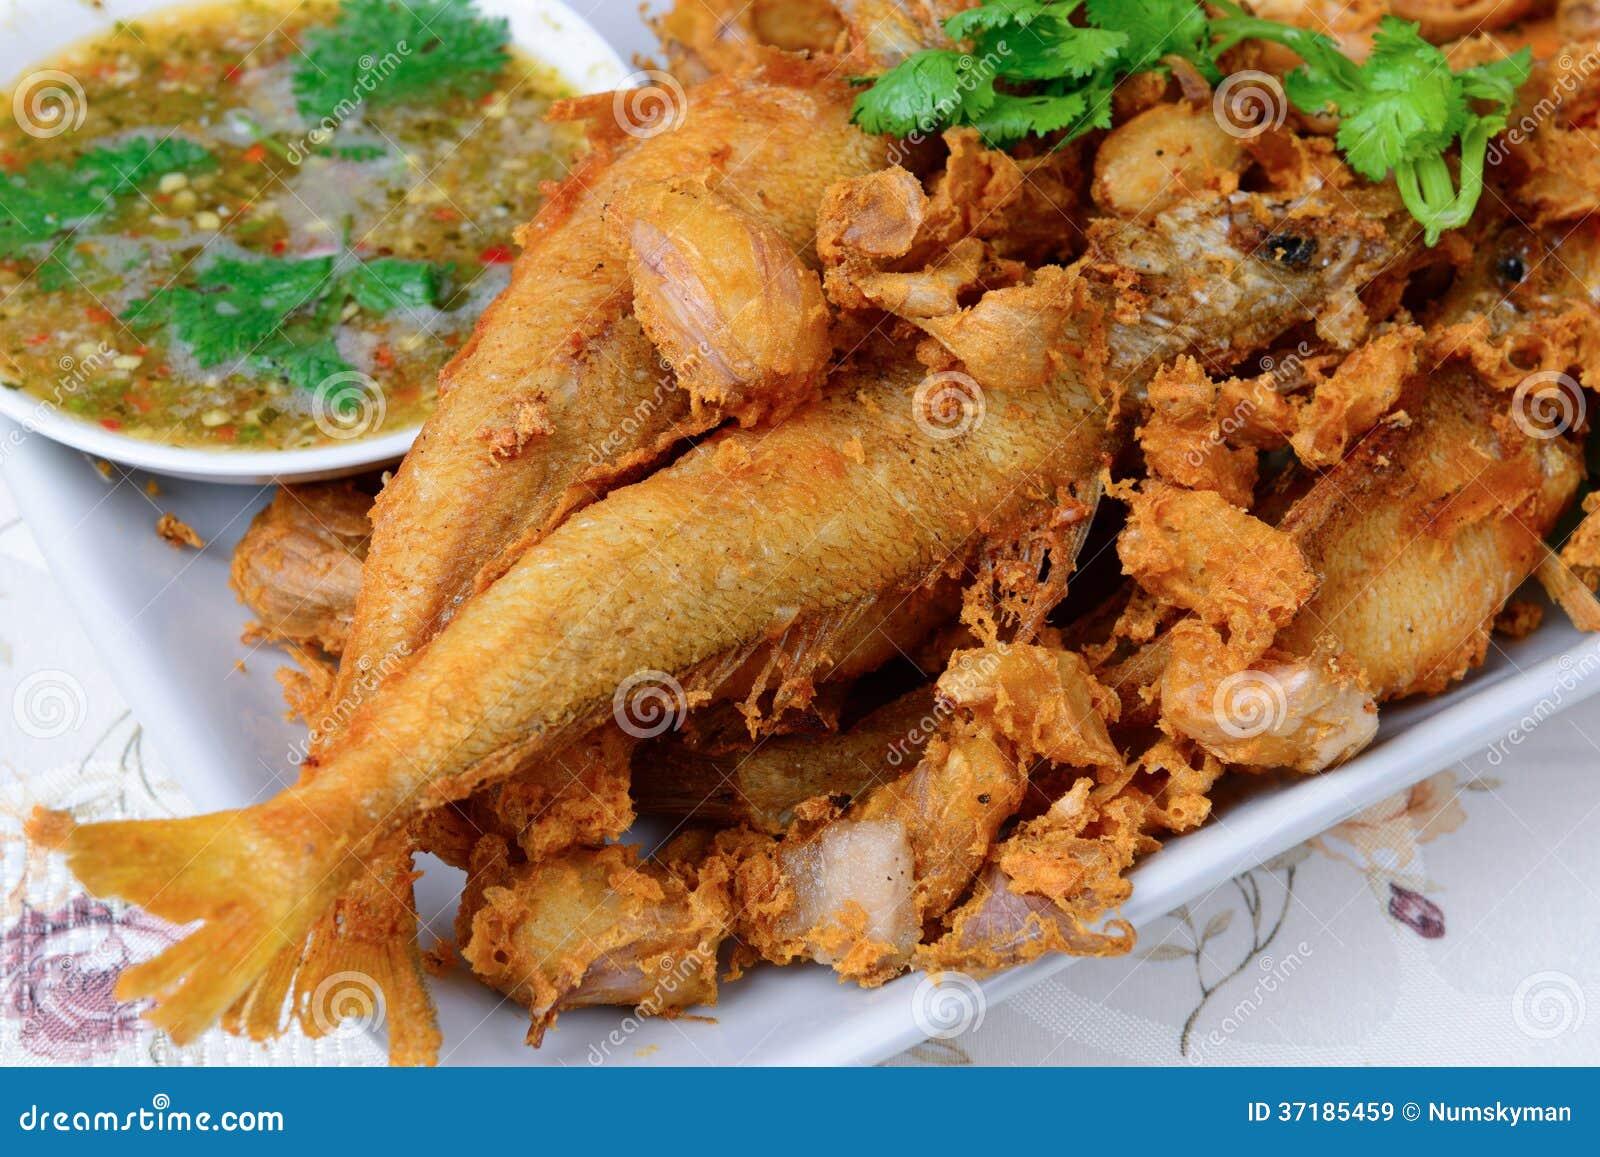 el nombre tailand s de la comida es pescado congregado